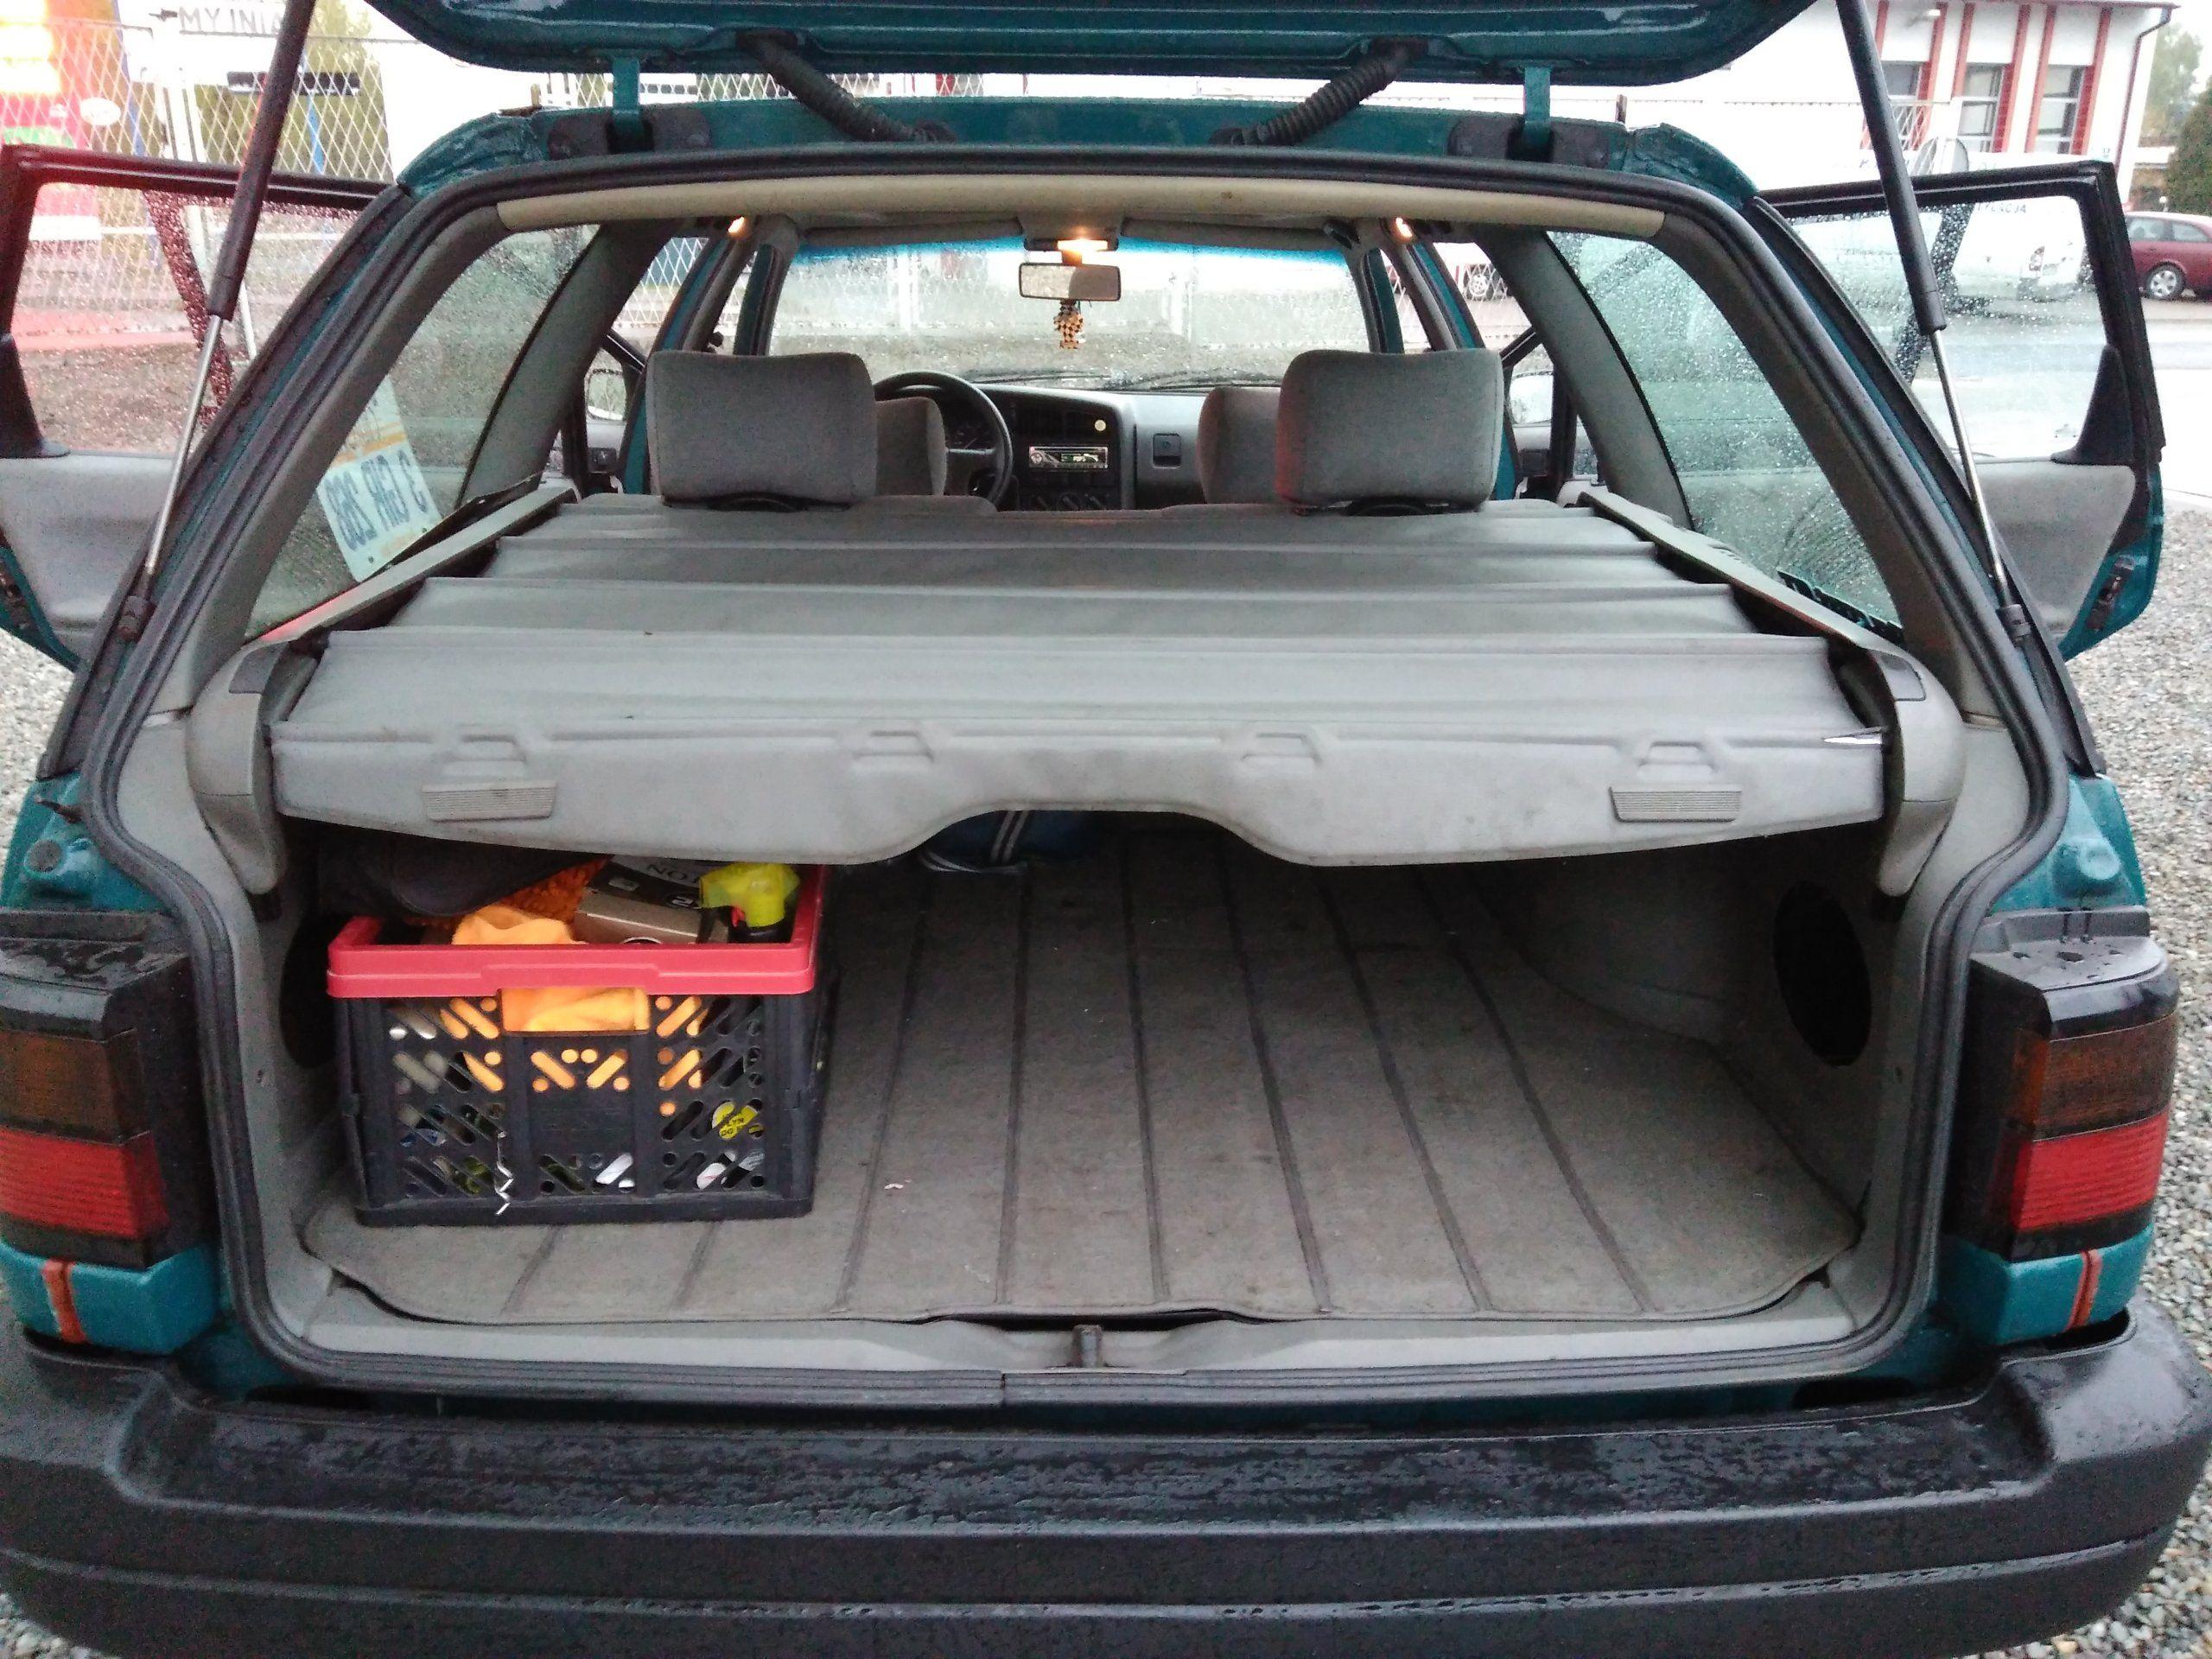 Wolksvagen Passat B3 Vr6 7242035298 Oficjalne Archiwum Allegro Vw Passat Volkswagen Passat Volkswagen